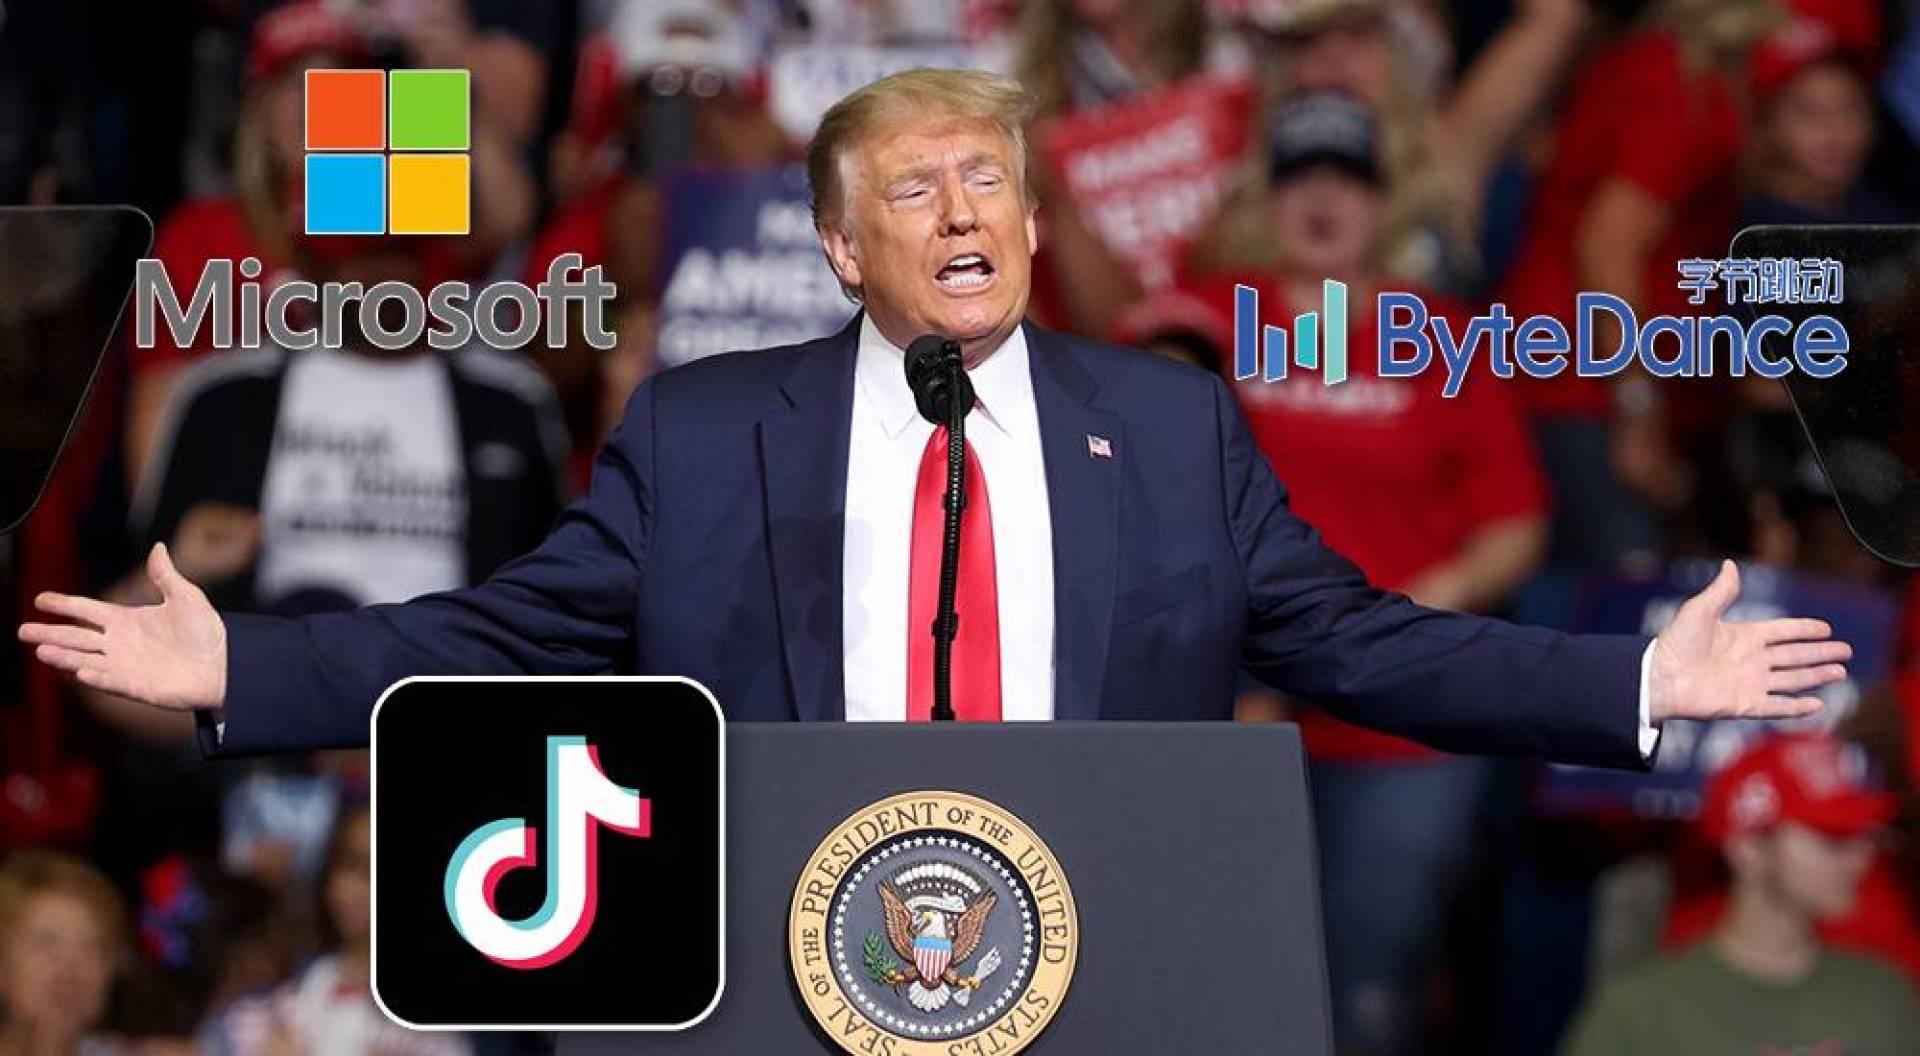 ترامب يدرس حظر «TikTok» في الولايات المتحدة.. ومايكروسوفت تتأهب لشراء التطبيق